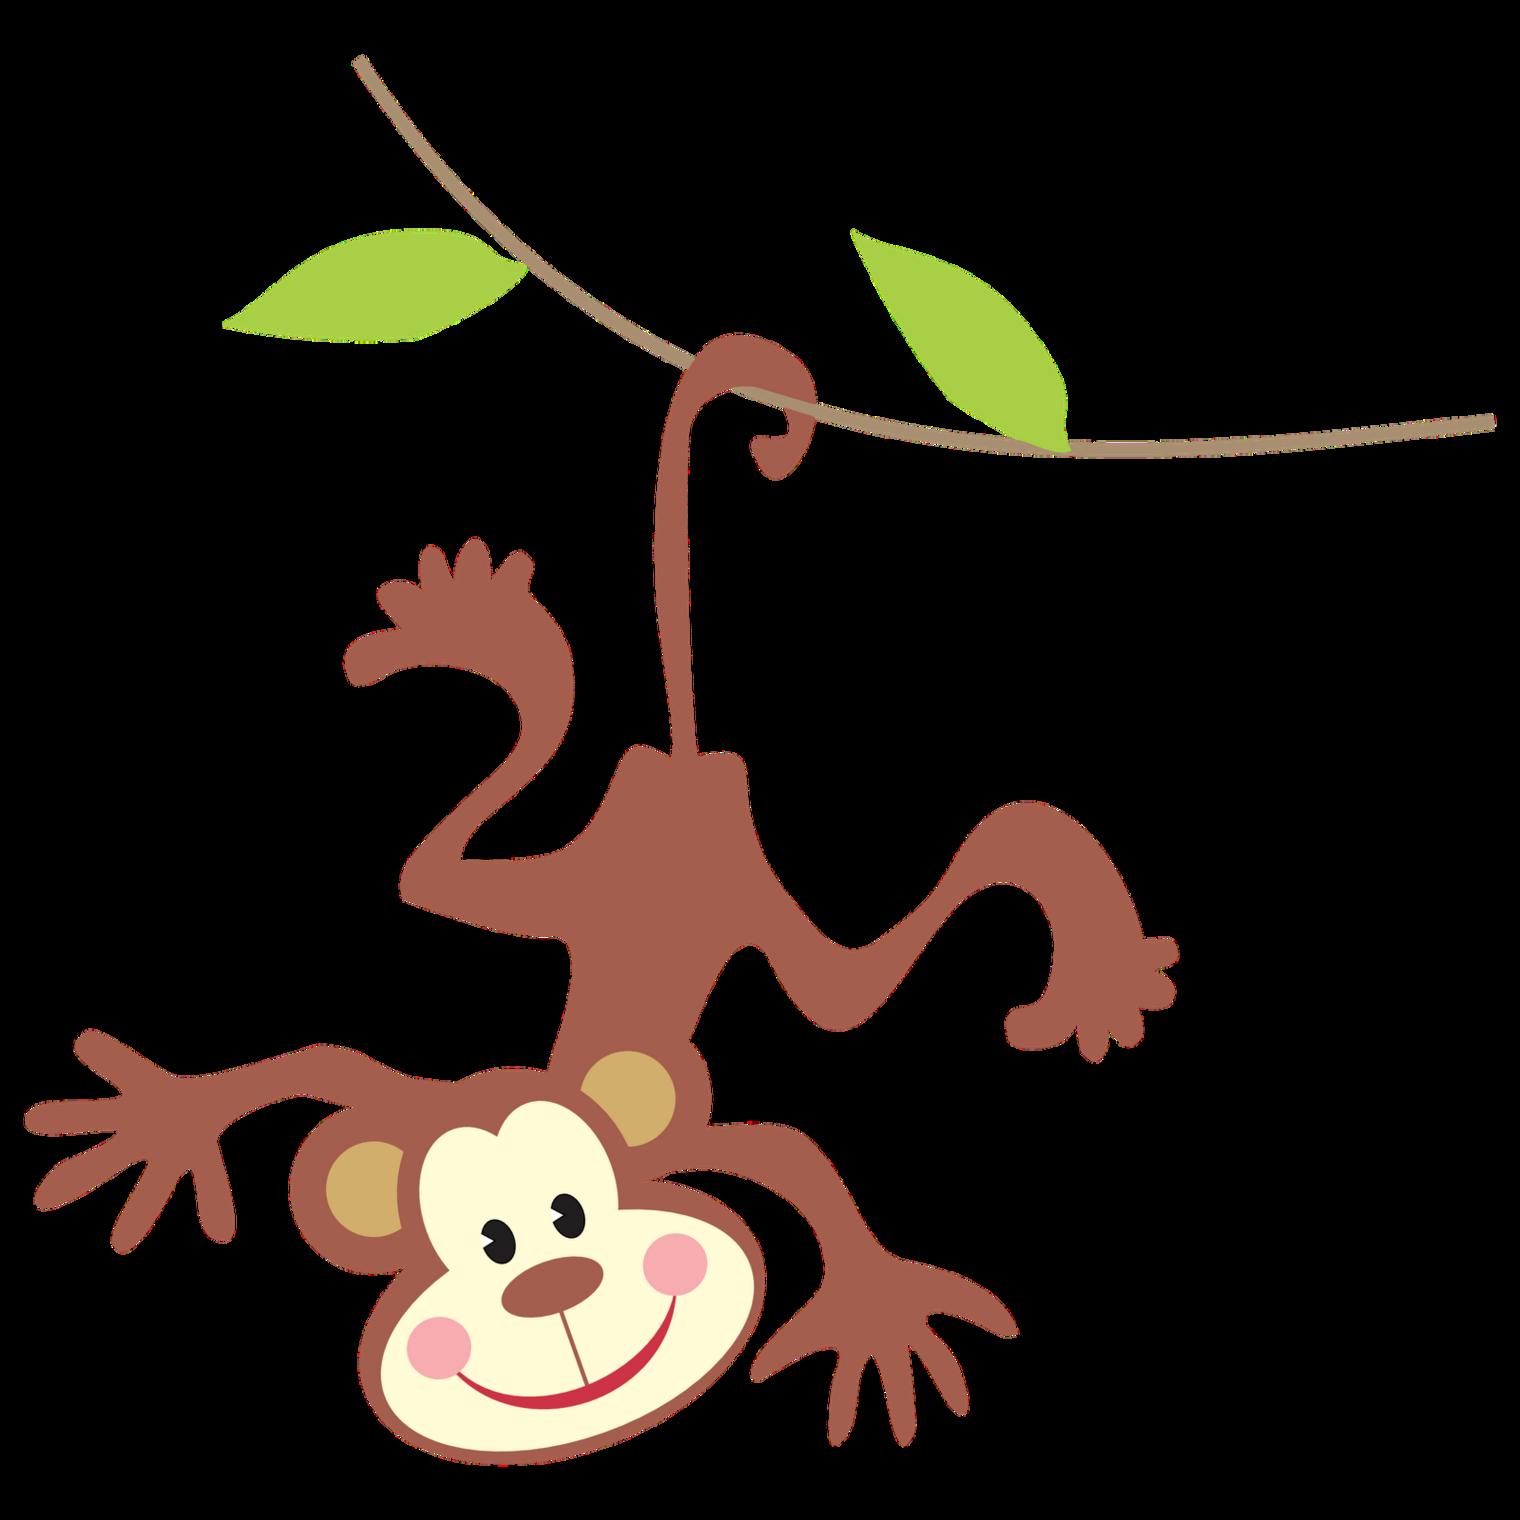 Panda clipart monkey Animated art Spider free monkey